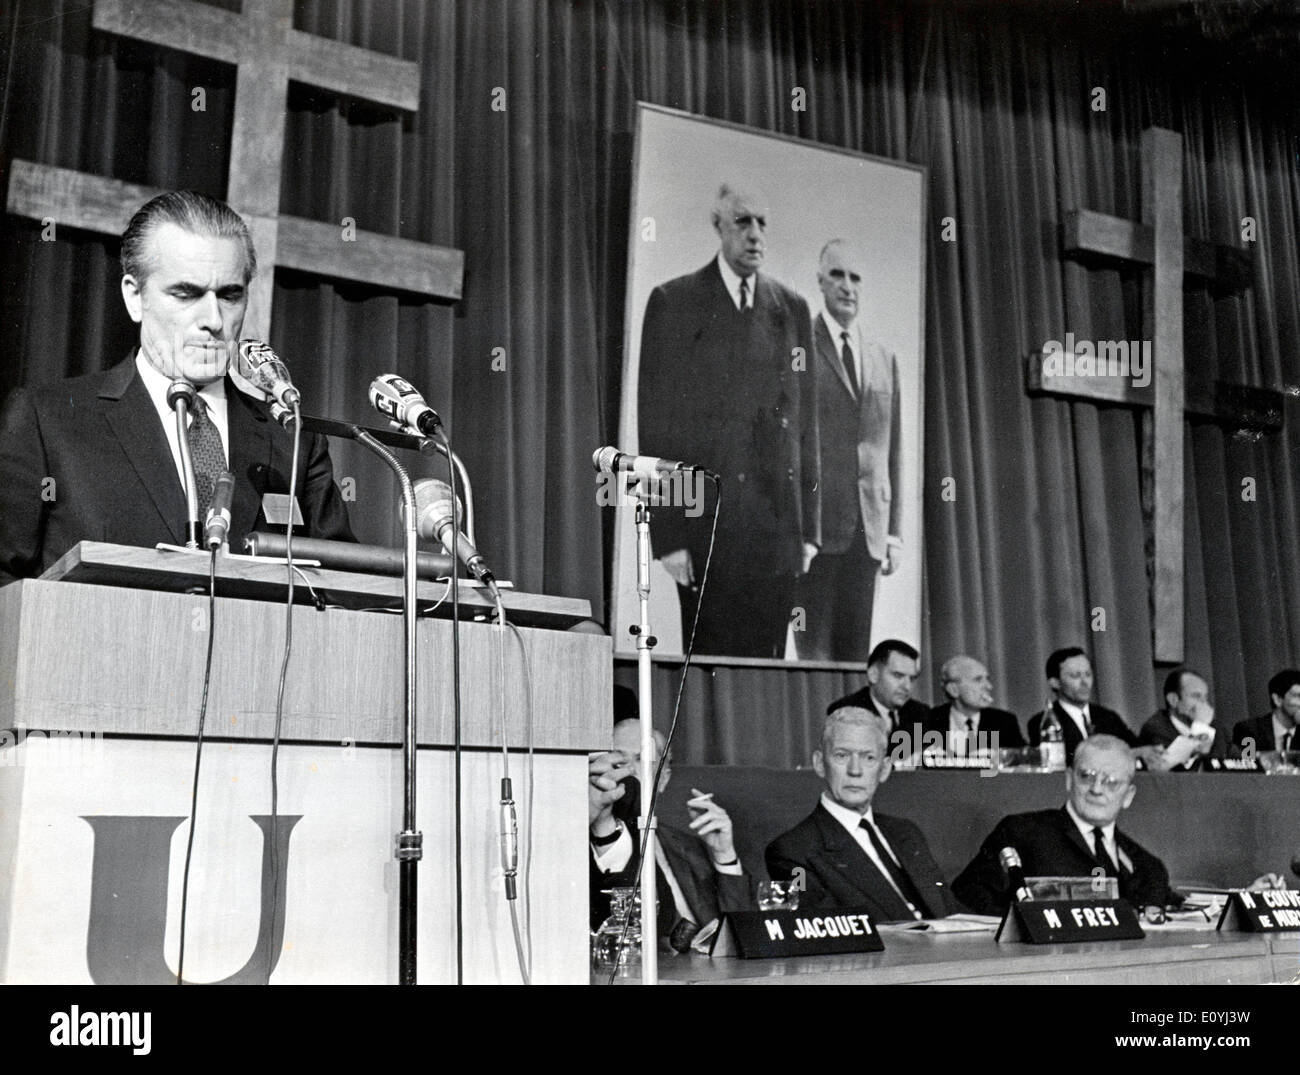 5517434 (900326) Jacques CHABAN-DELMAS , franzˆsischer Premierminister , am Rednerpult auf dem Parteitag der Gaullisten (UDR) - Stock Image